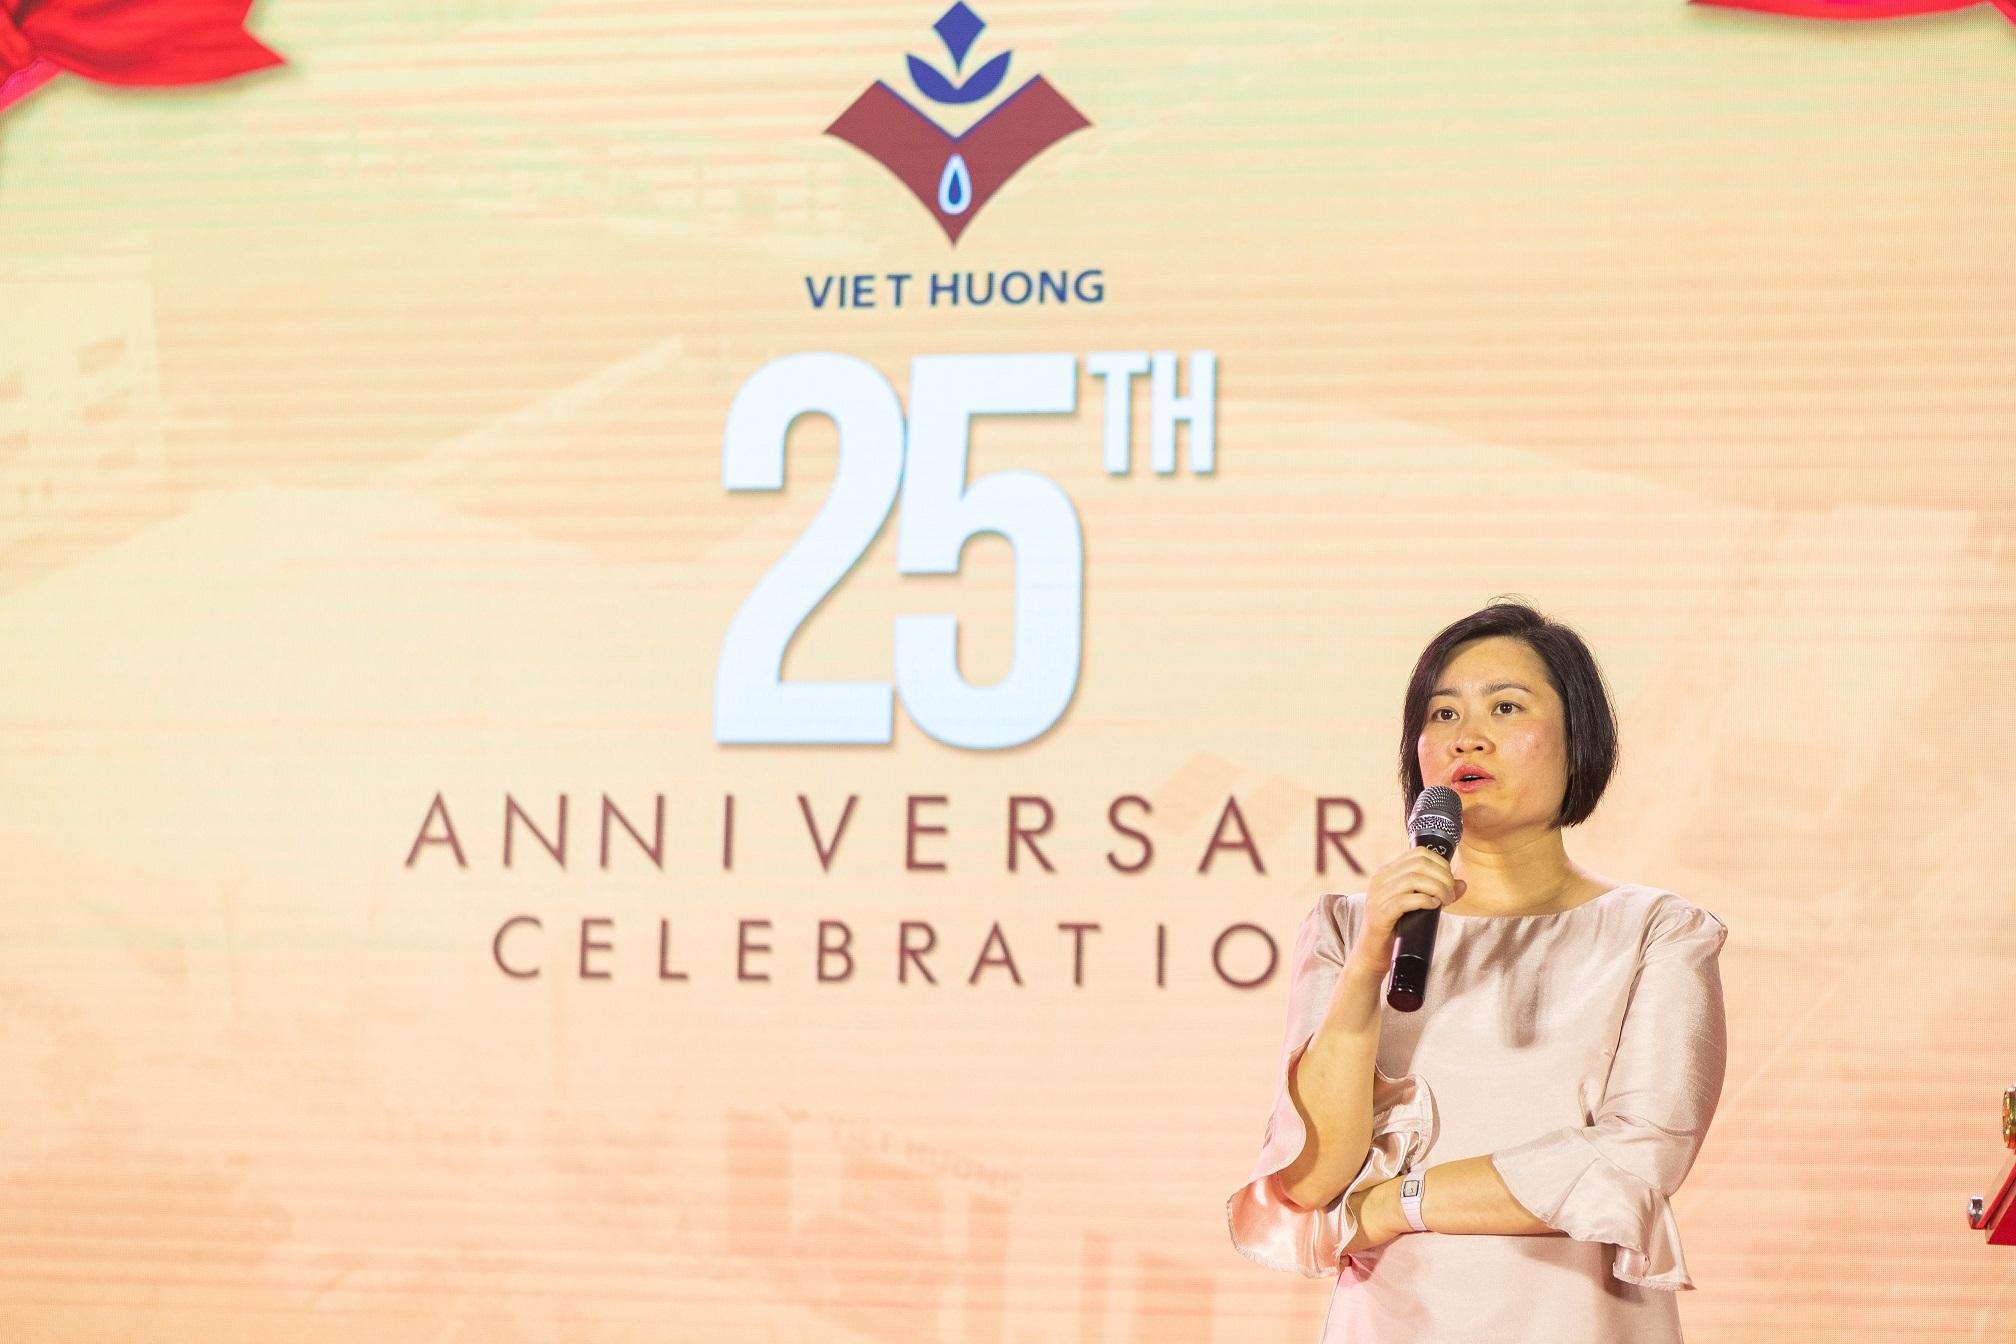 Ms Nguyễn Thúy Quỳnh phát biểu 25th anniversary